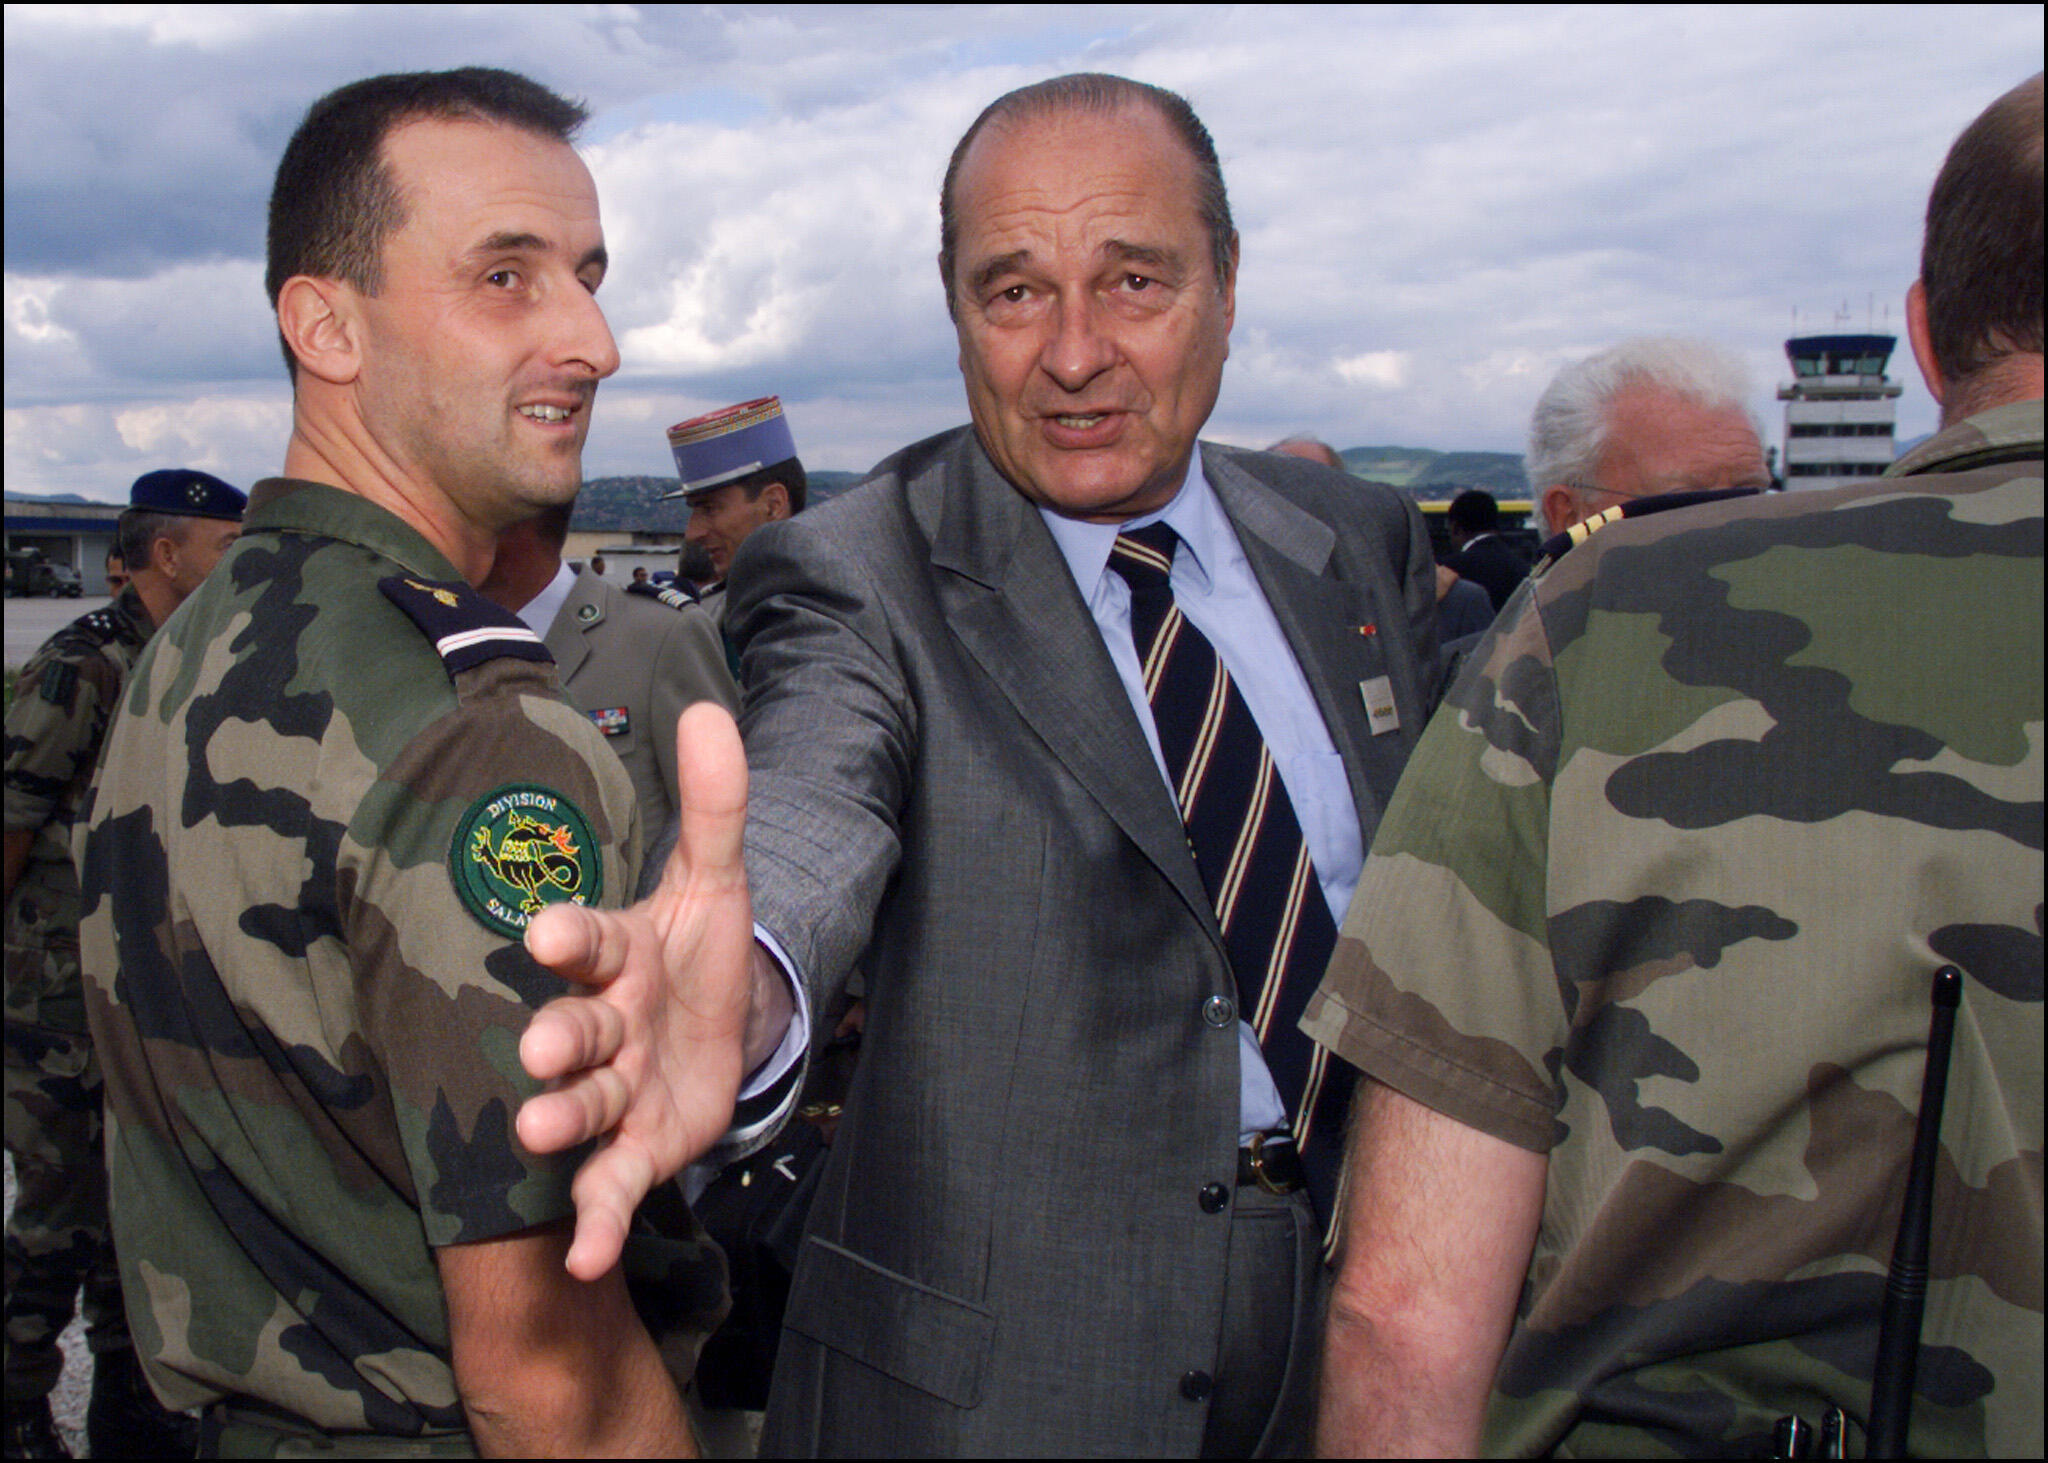 Le 30 juillet 1999, Jacques Chirac serre la main d'un militaire français qui assure la sécurité de l'aéroport de Sarajevo, à l'issue du sommet du Pacte de stabilité.